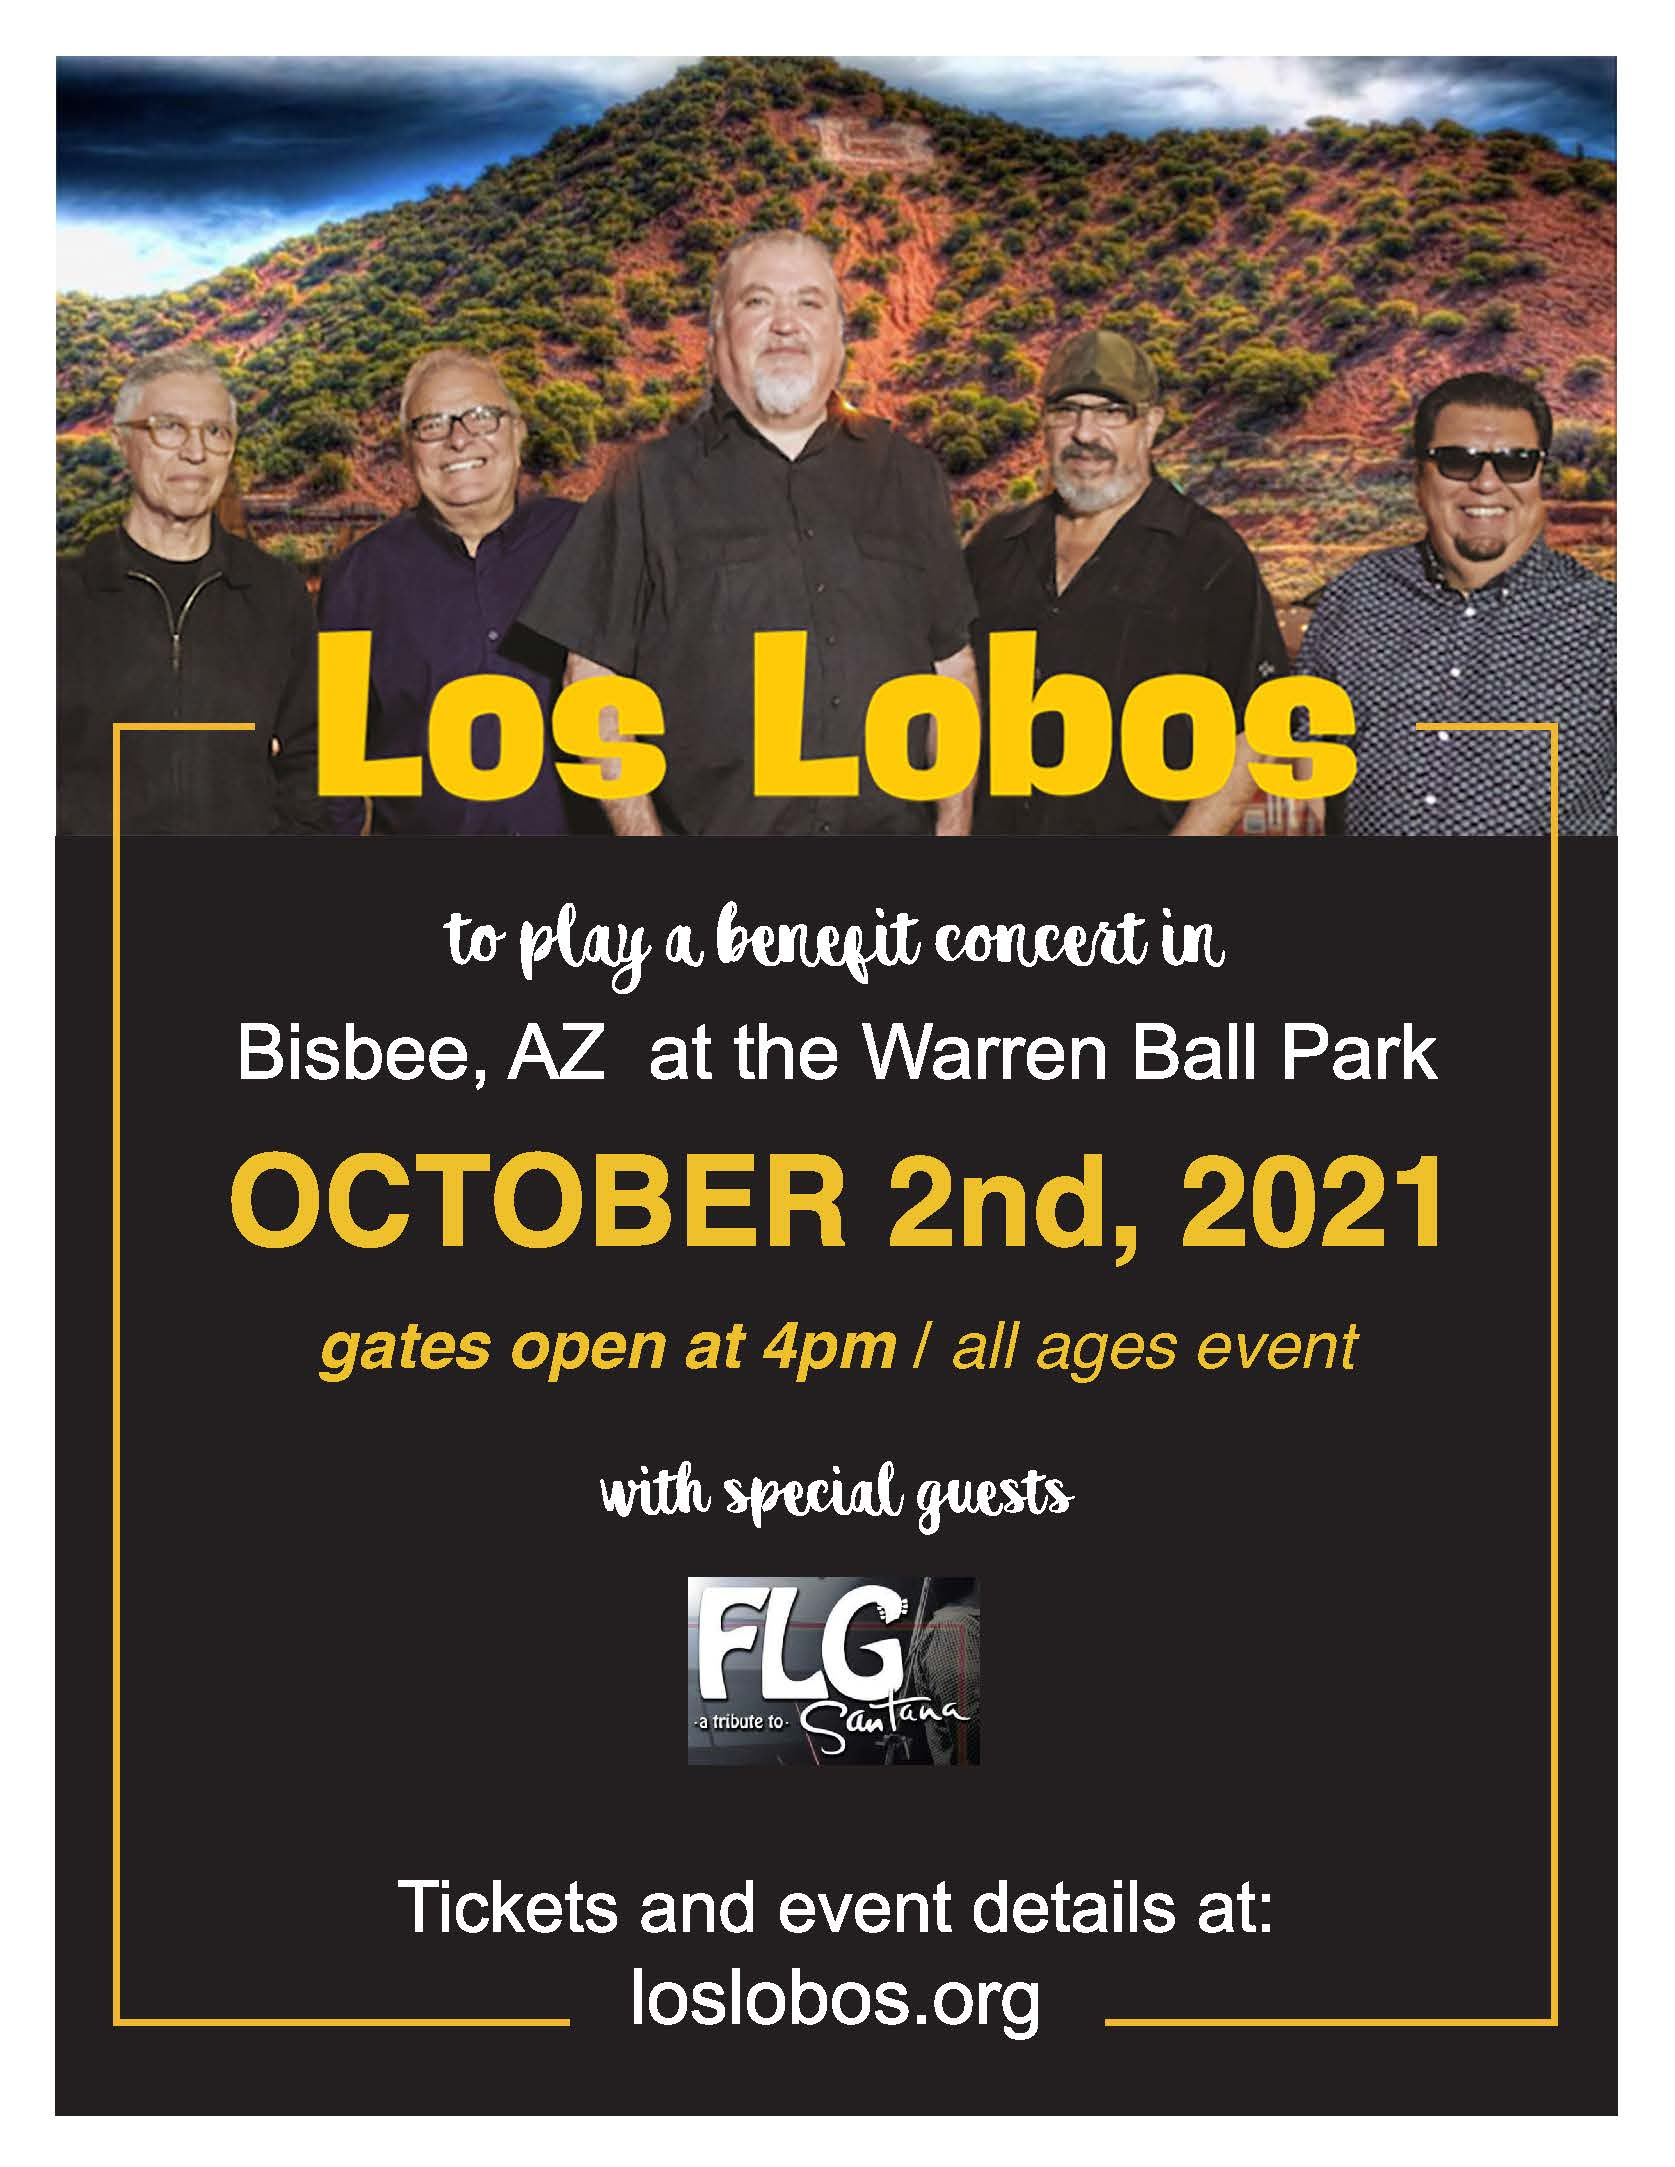 Los Lobos Concert Flyer